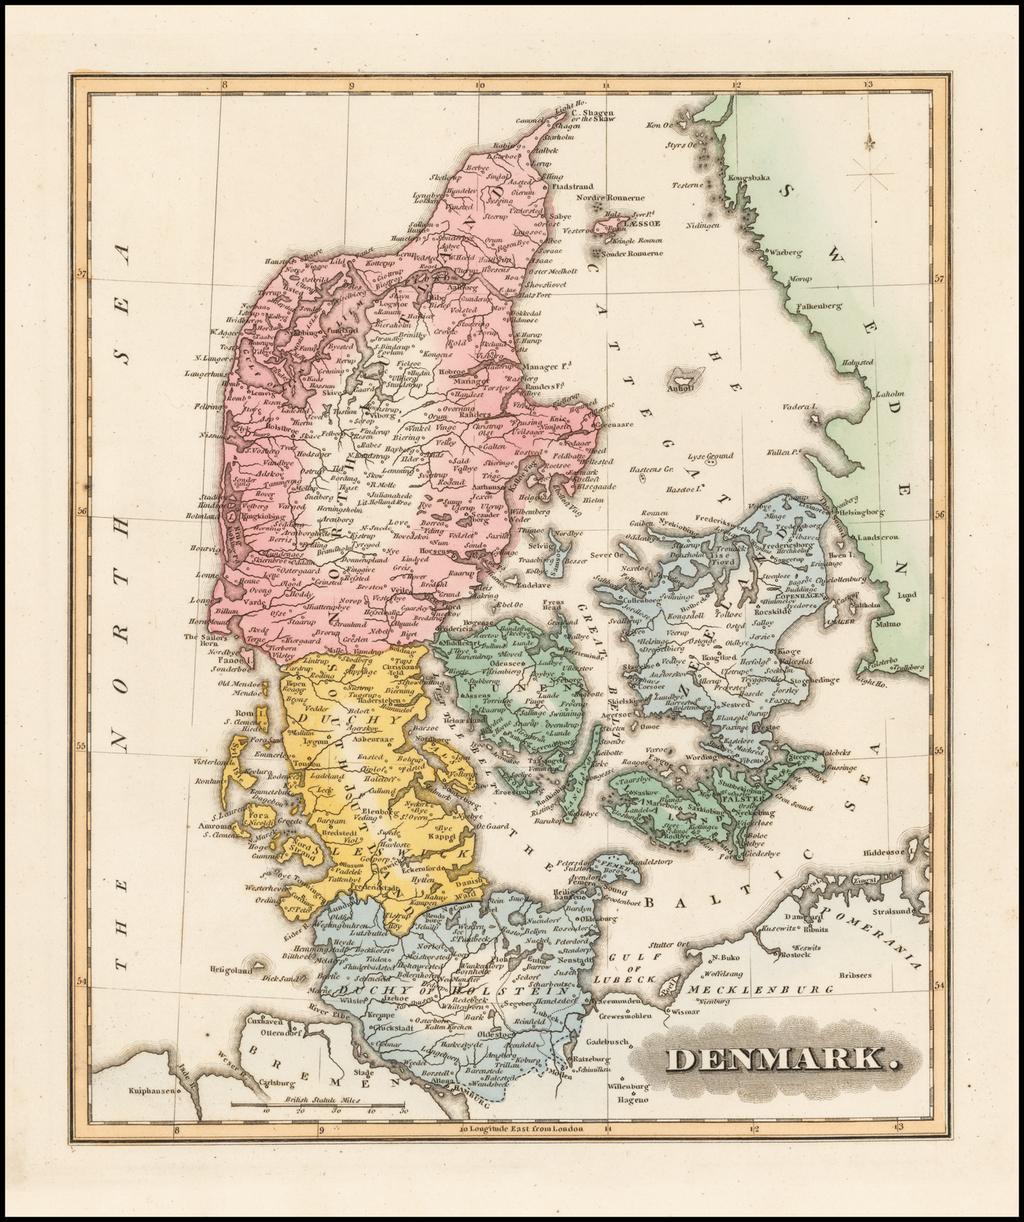 Denmark By Fielding Lucas Jr.